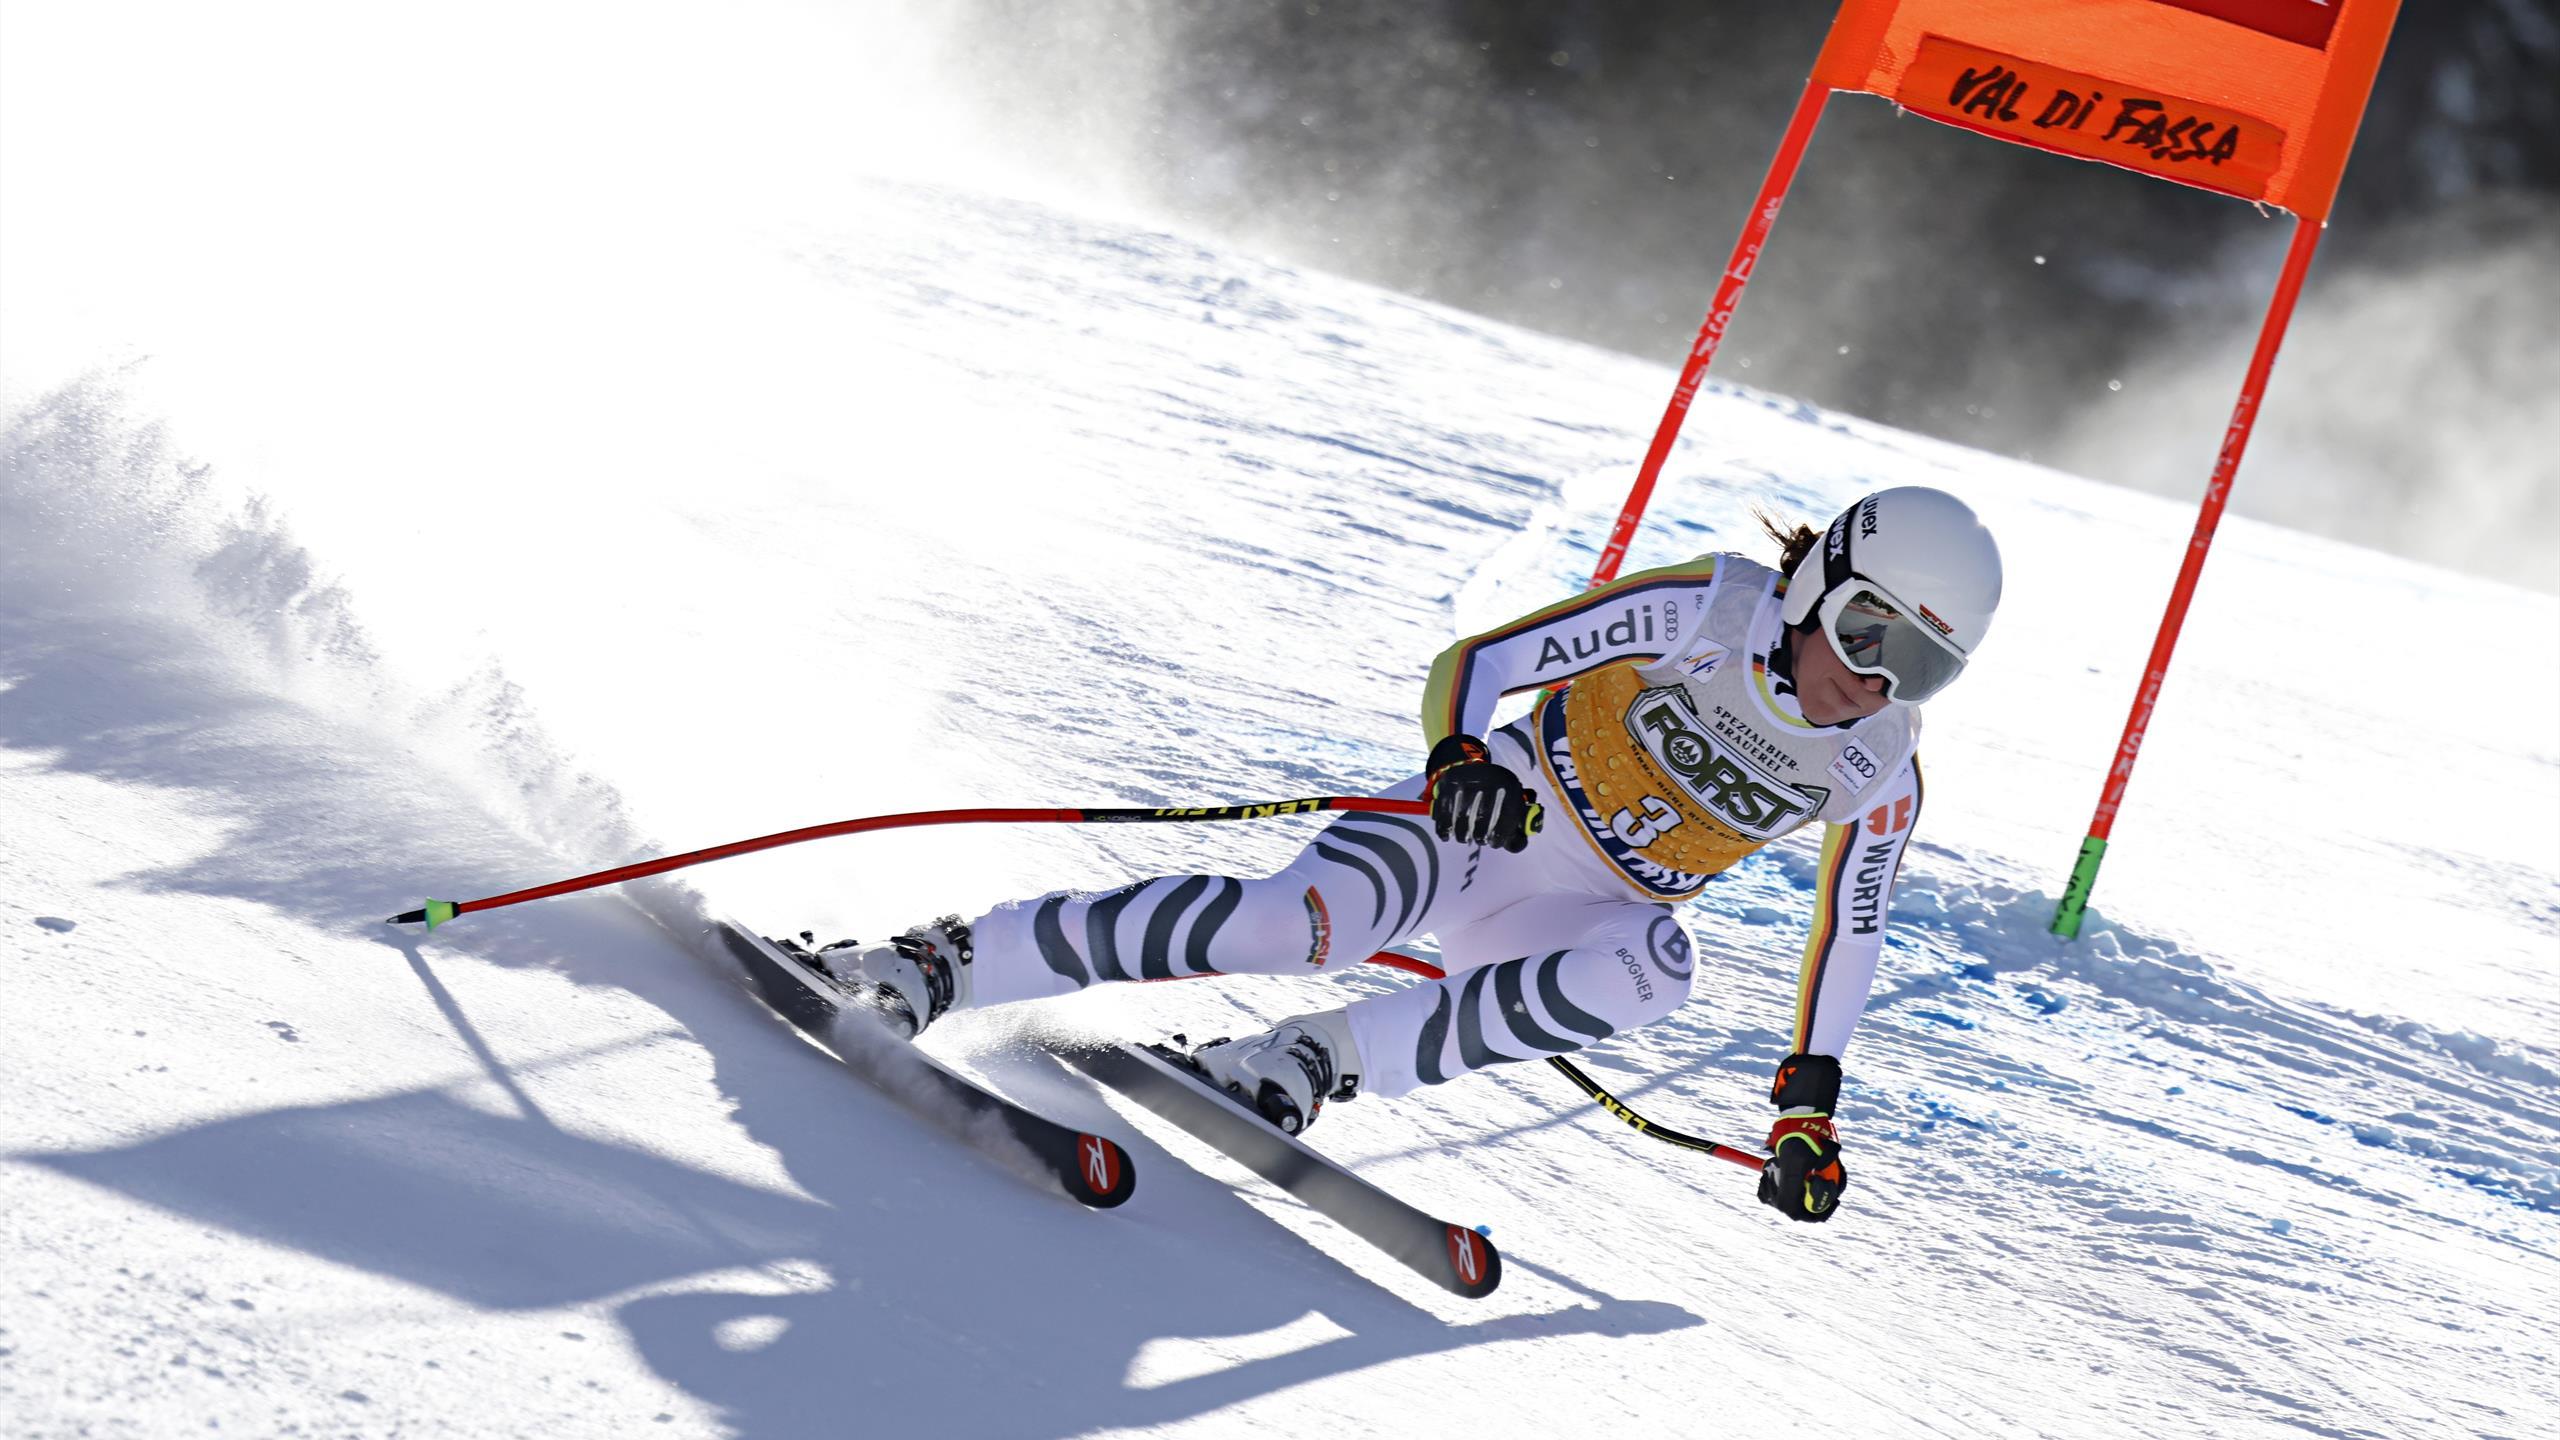 Abfahrt in Val di Fassa: Weidle starke Vierte, Gut-Behrami siegt und übernimmt Gesamtführung - Eurosport DE